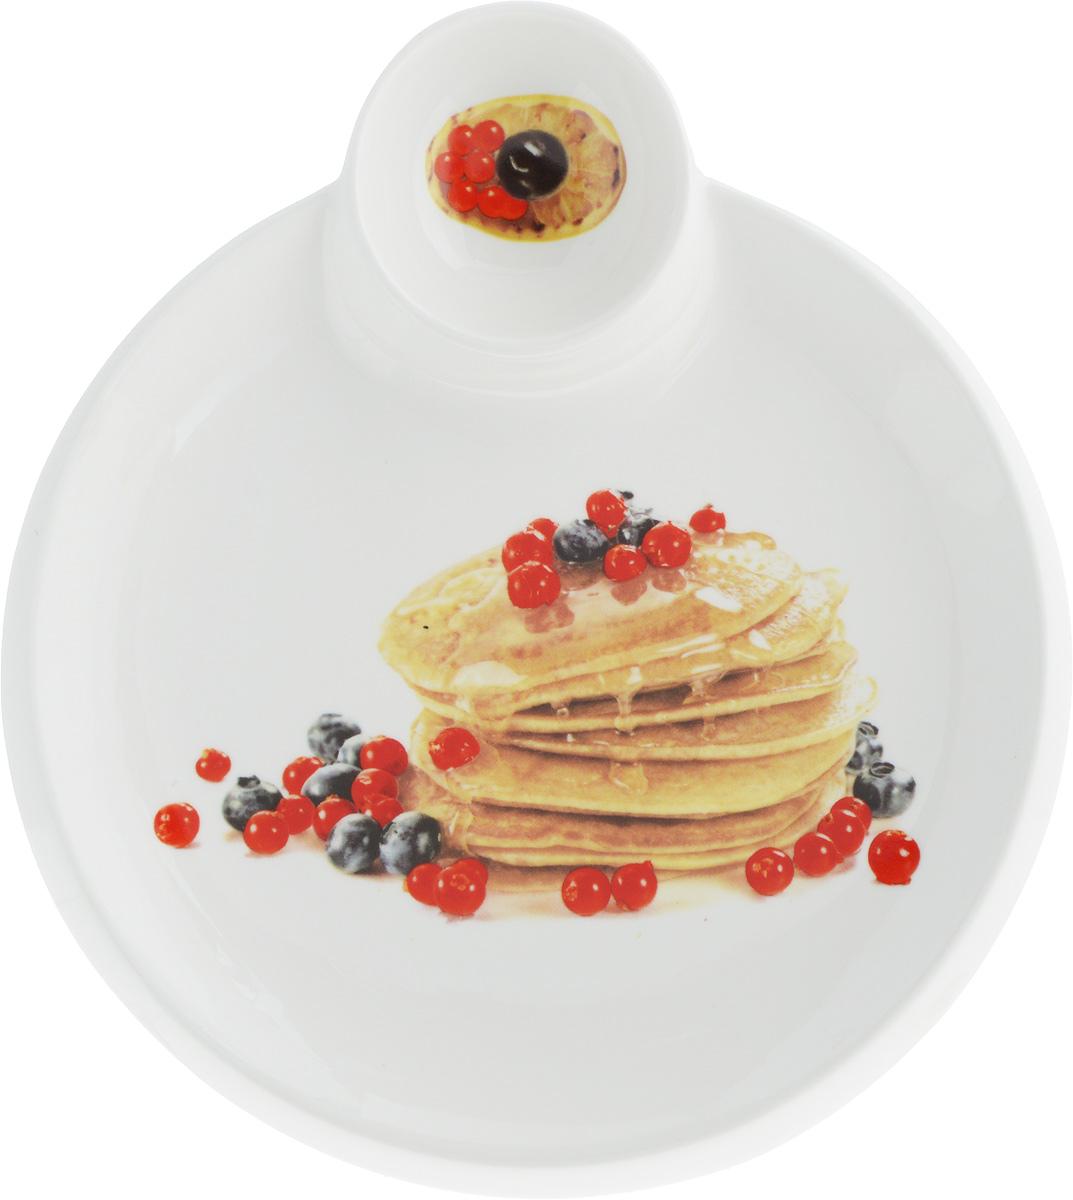 Тарелка для блинов Elan Gallery Блины с ягодами, с соусницей, диаметр 20 см115510Круглая тарелка Elan Gallery Блины с ягодами, изготовленная из керамики и декорированная ярким и аппетитным изображением, позволит красиво подать блины. А благодаря небольшой соуснице вам не потребуется дополнительной посуды под варенье или соус. Такая тарелка украсит сервировку вашего стола и подчеркнет прекрасный вкус хозяина, а также станет отличным подарком. Диаметр тарелки: 20 см. Высота: 2 см. Диаметр соусницы: 6 см.